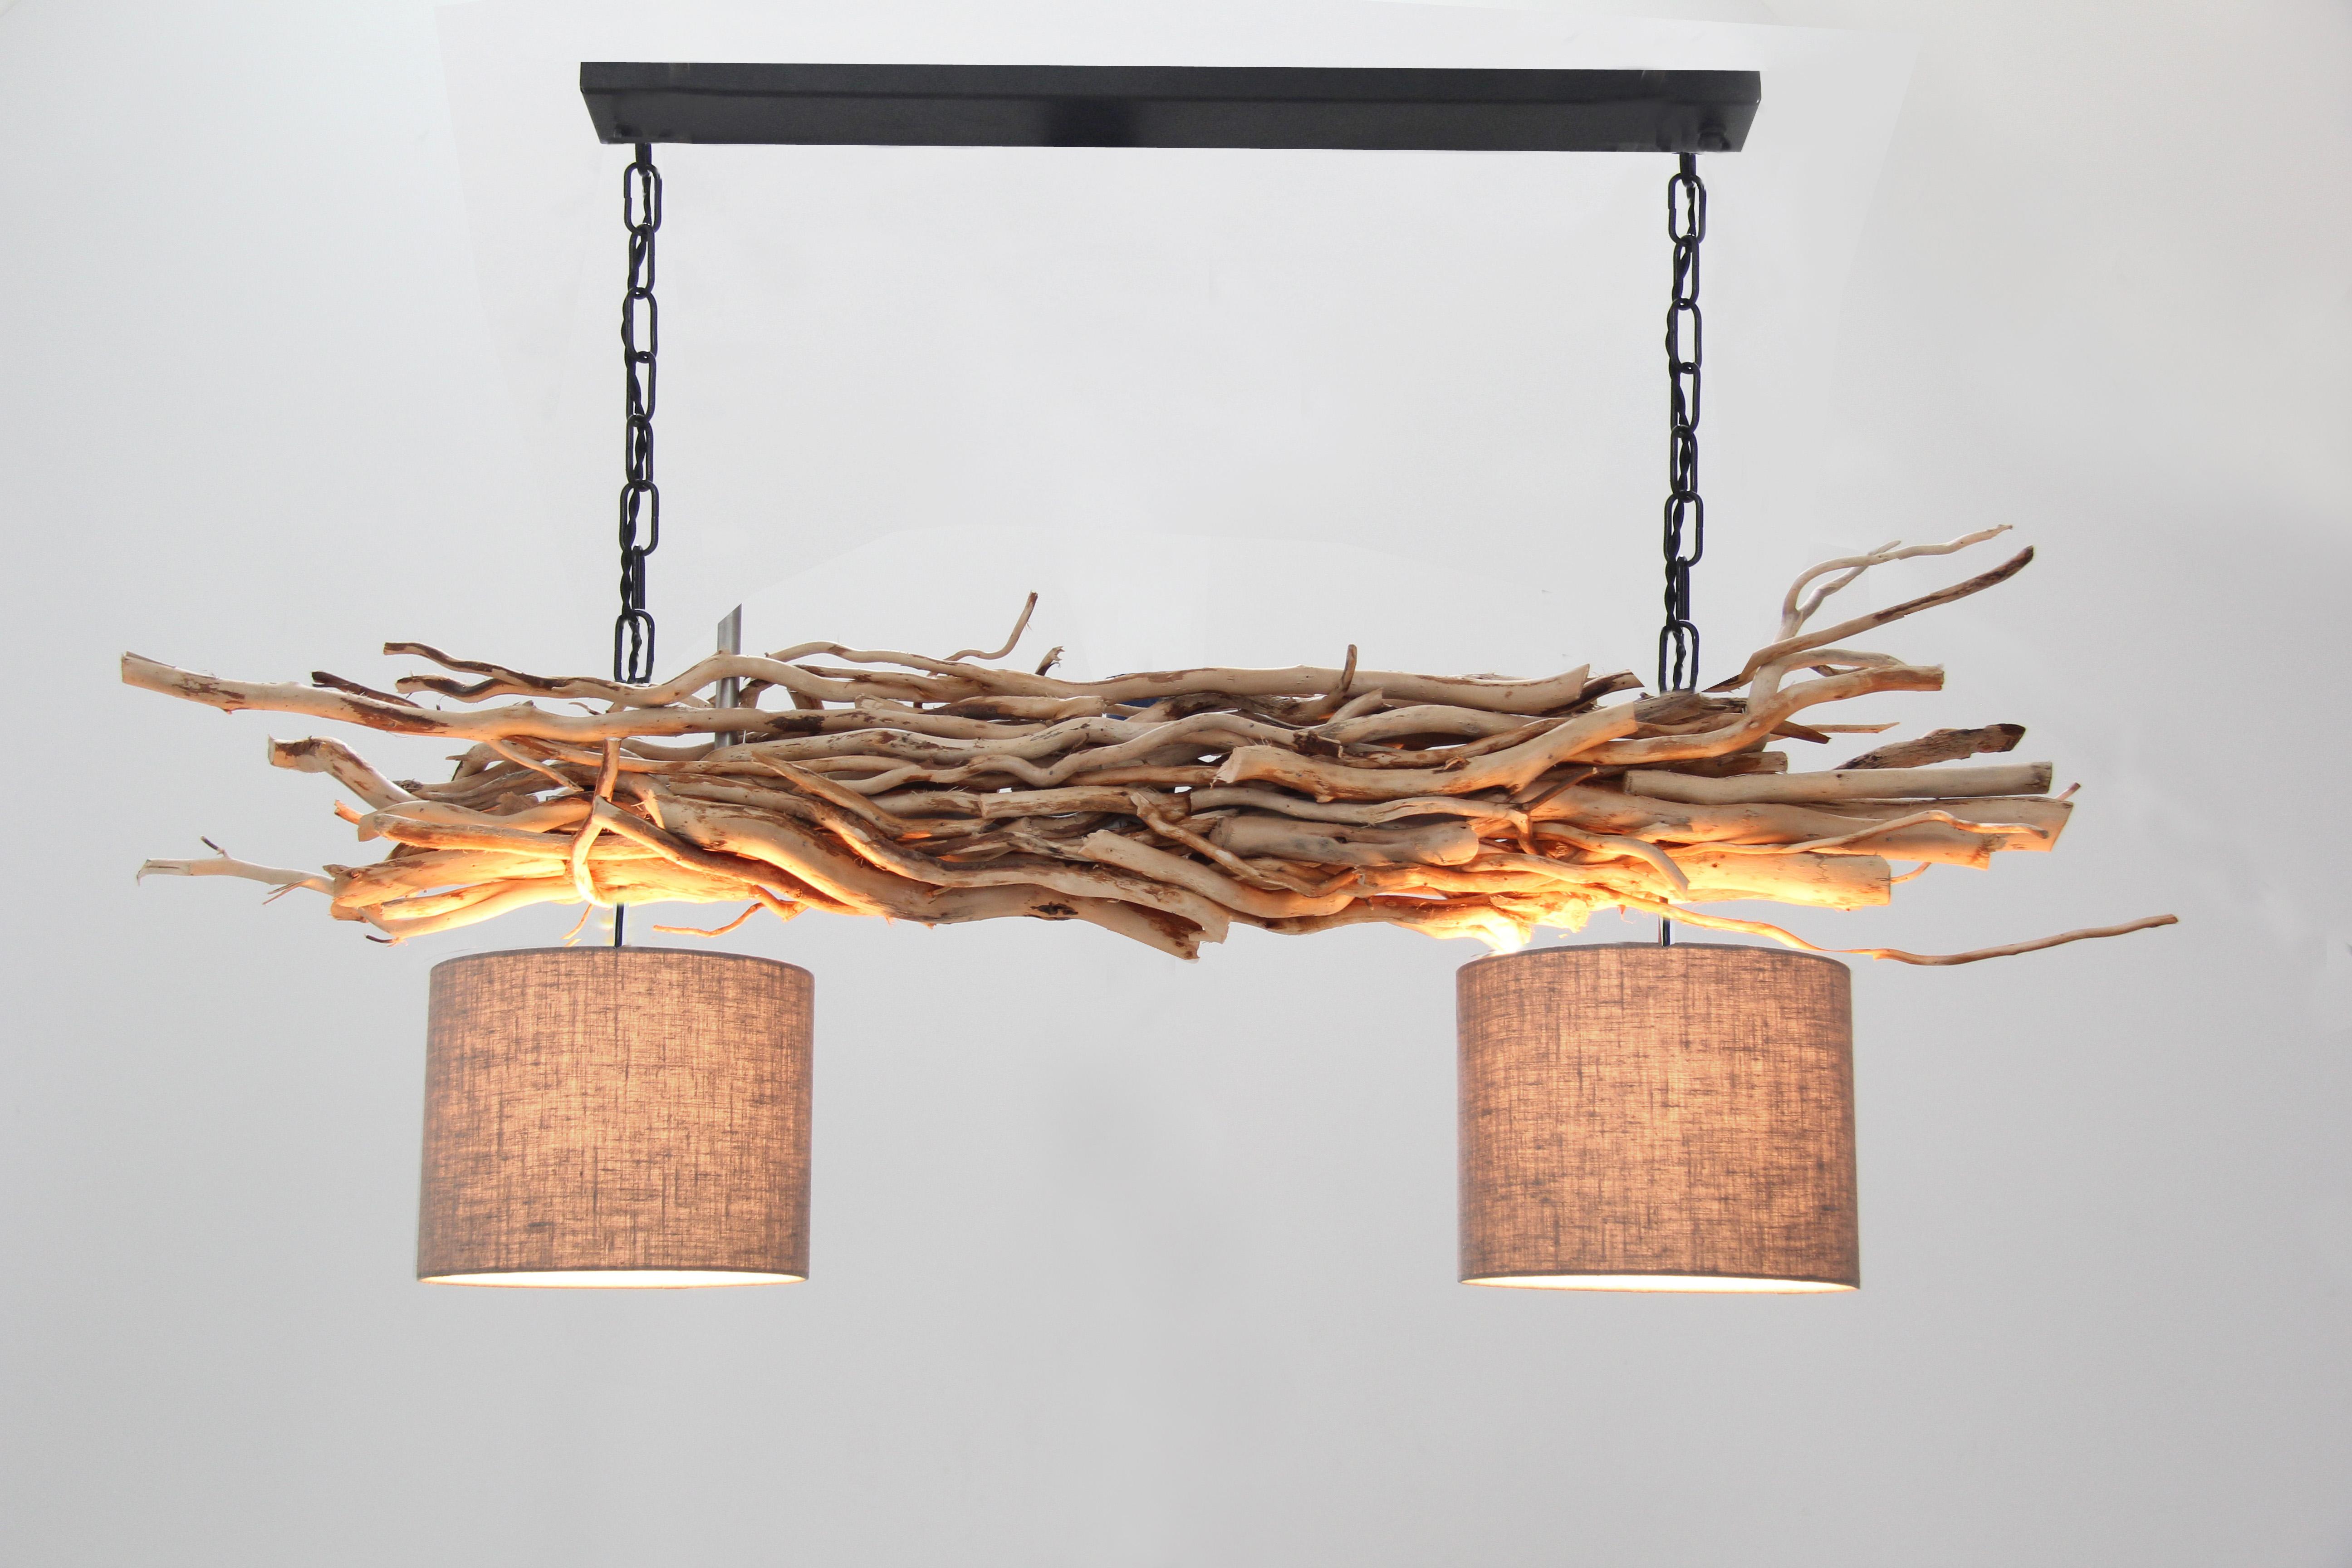 Lampen Winkel Utrecht : Holz lampen hängeleuchte aus Ästen mit ketten flachslampenschirm